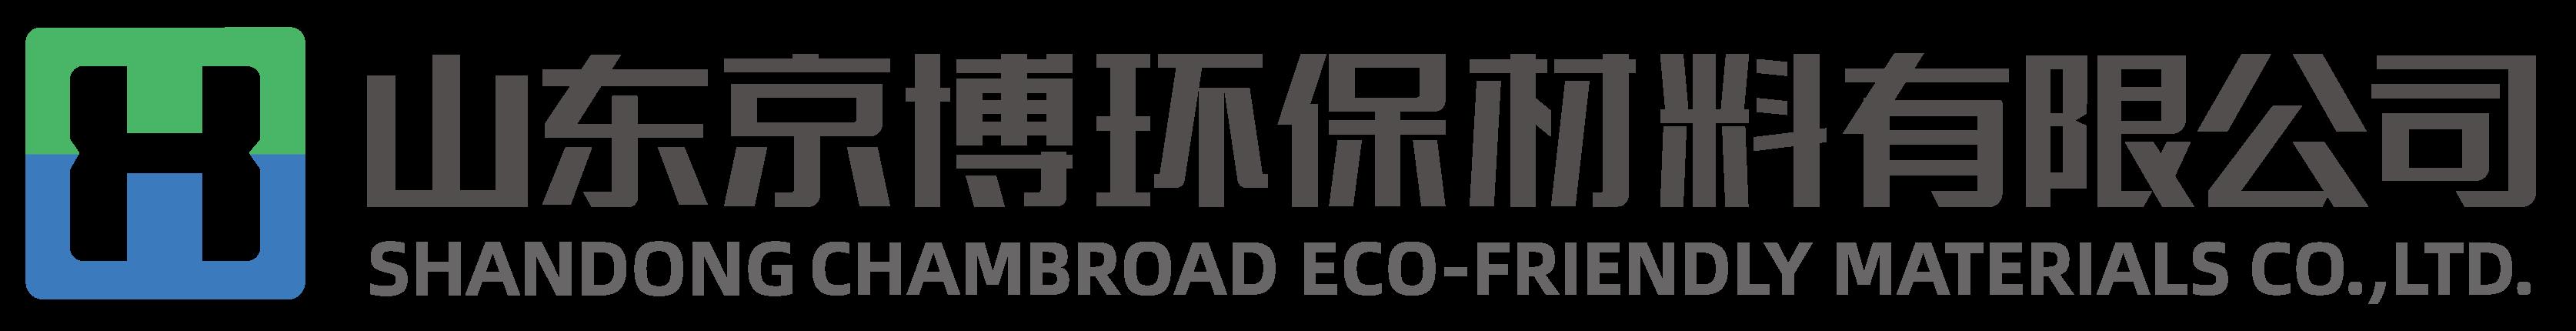 京博环保材料